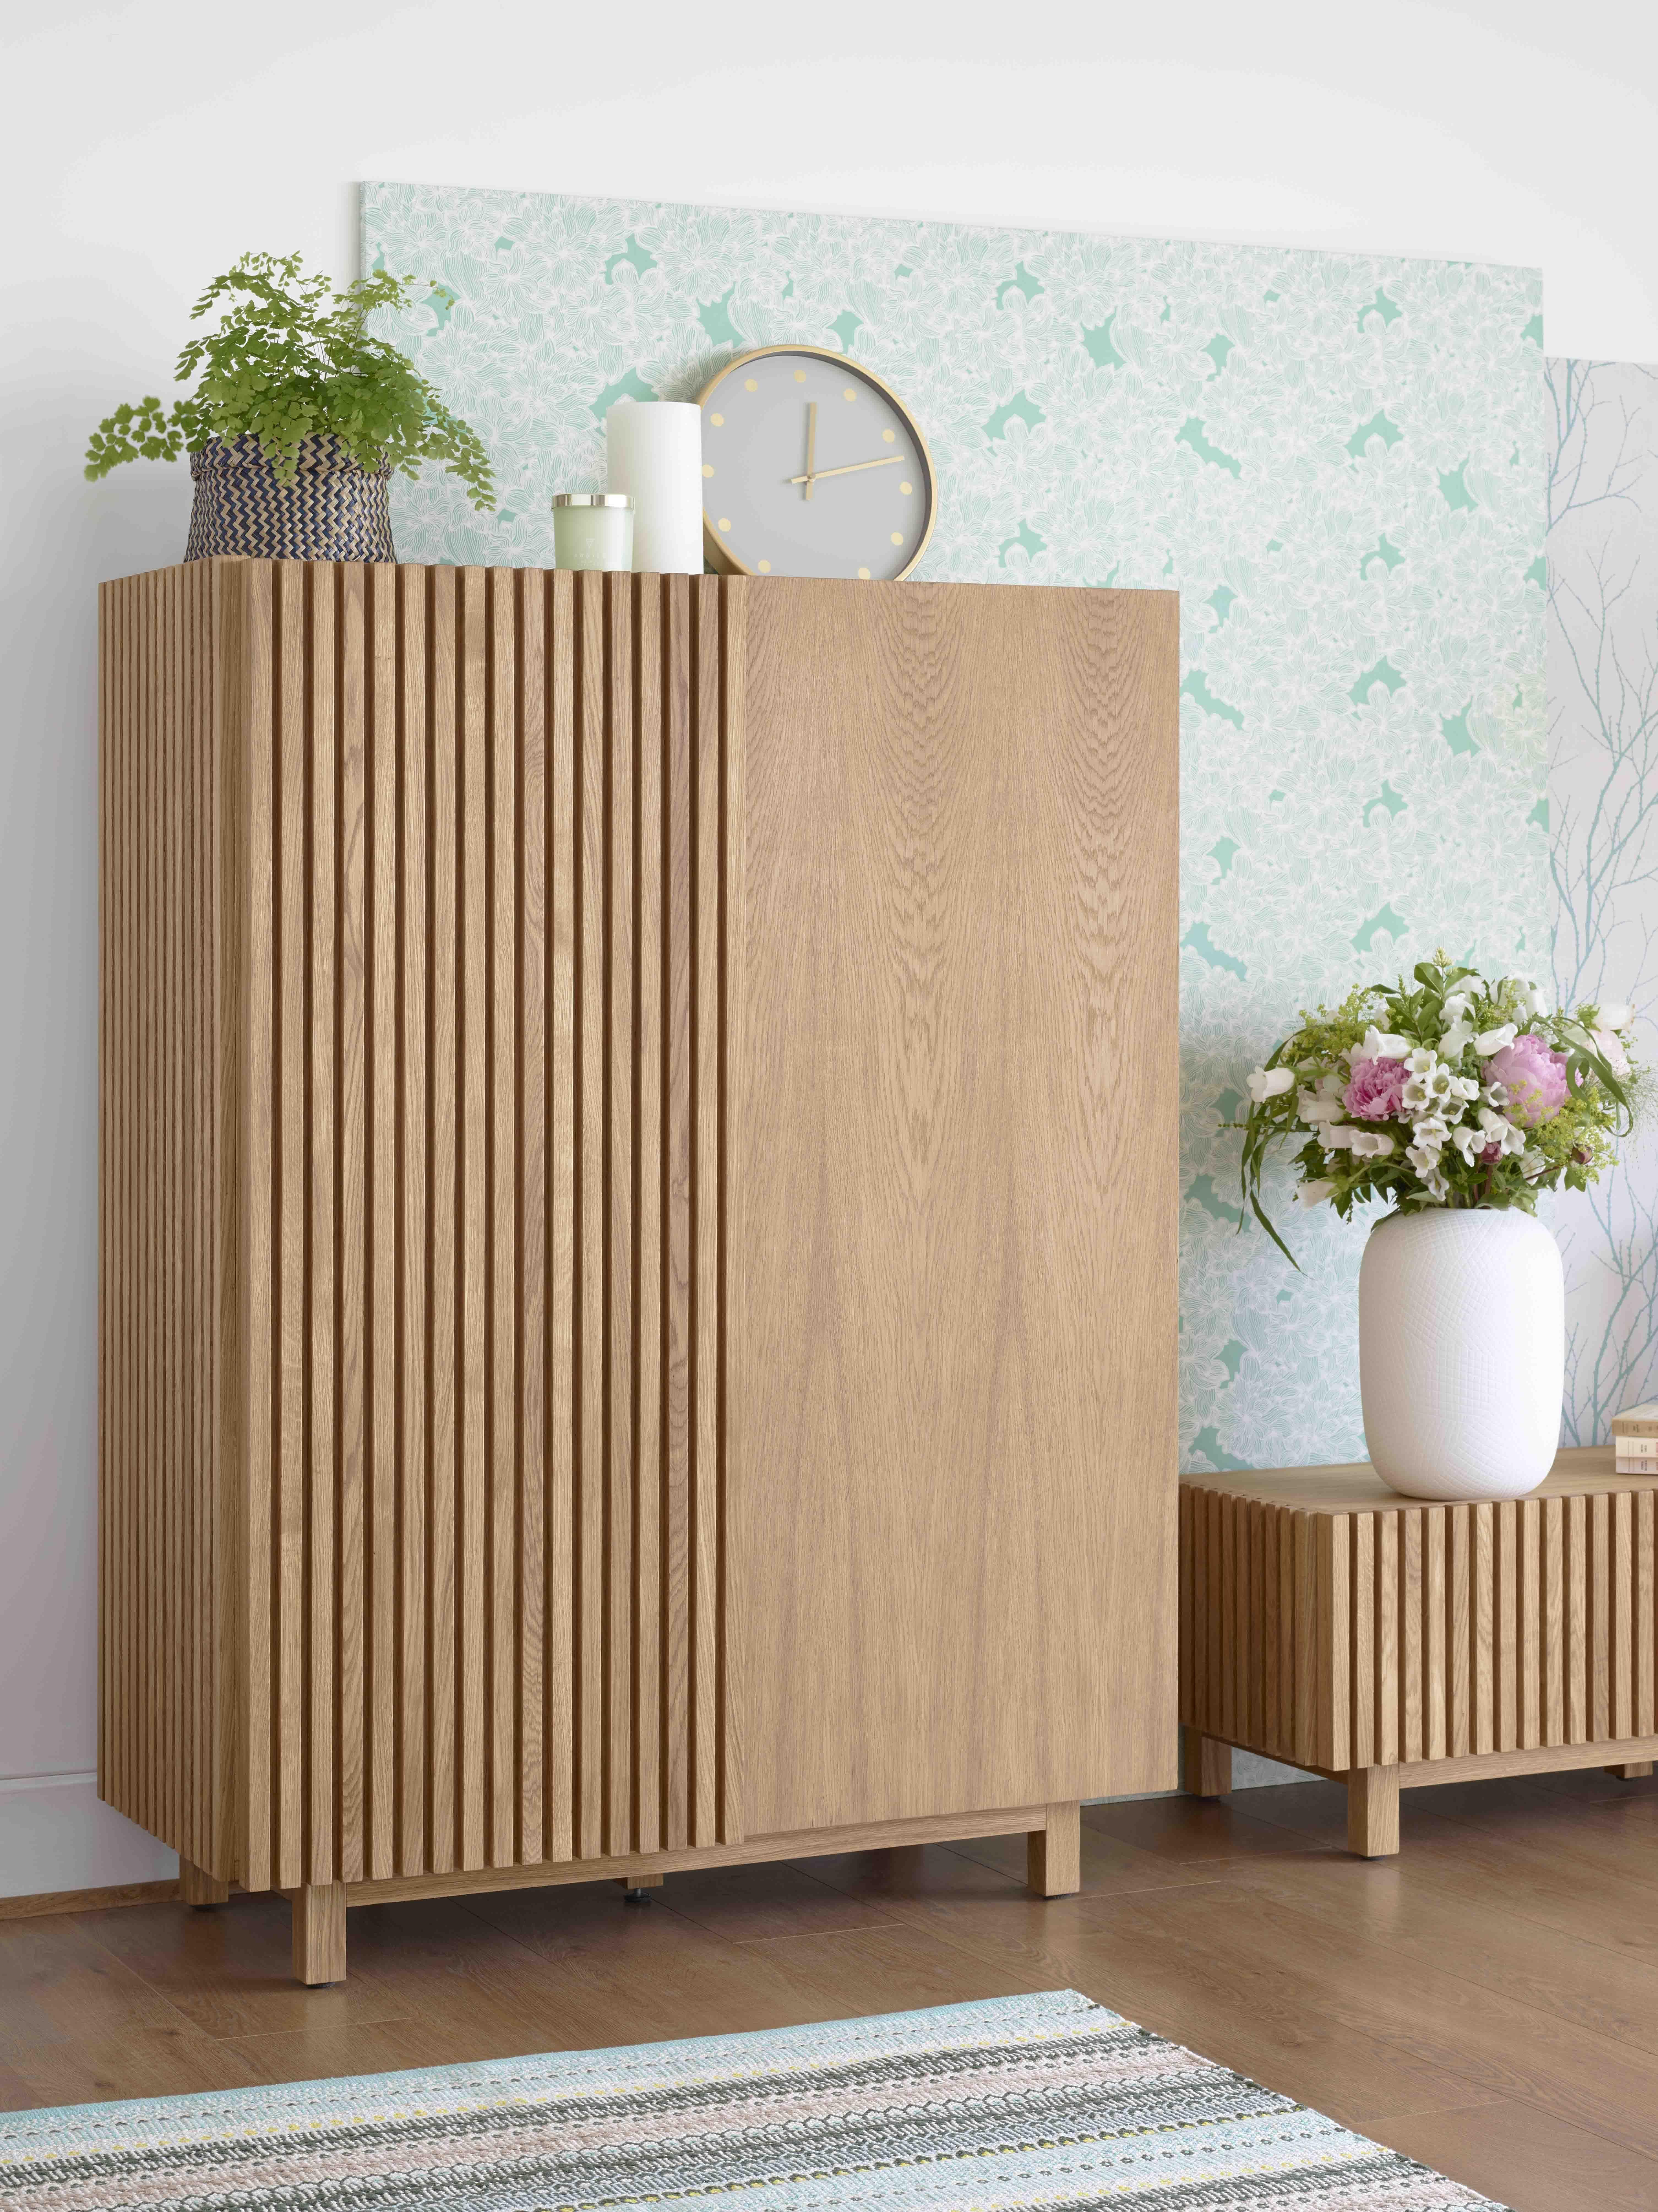 Epingle Par Habitat Page Officielle Sur Habitat Deco Vert D Eau Mobilier De Salon Deco Vert D Eau Decoration Maison